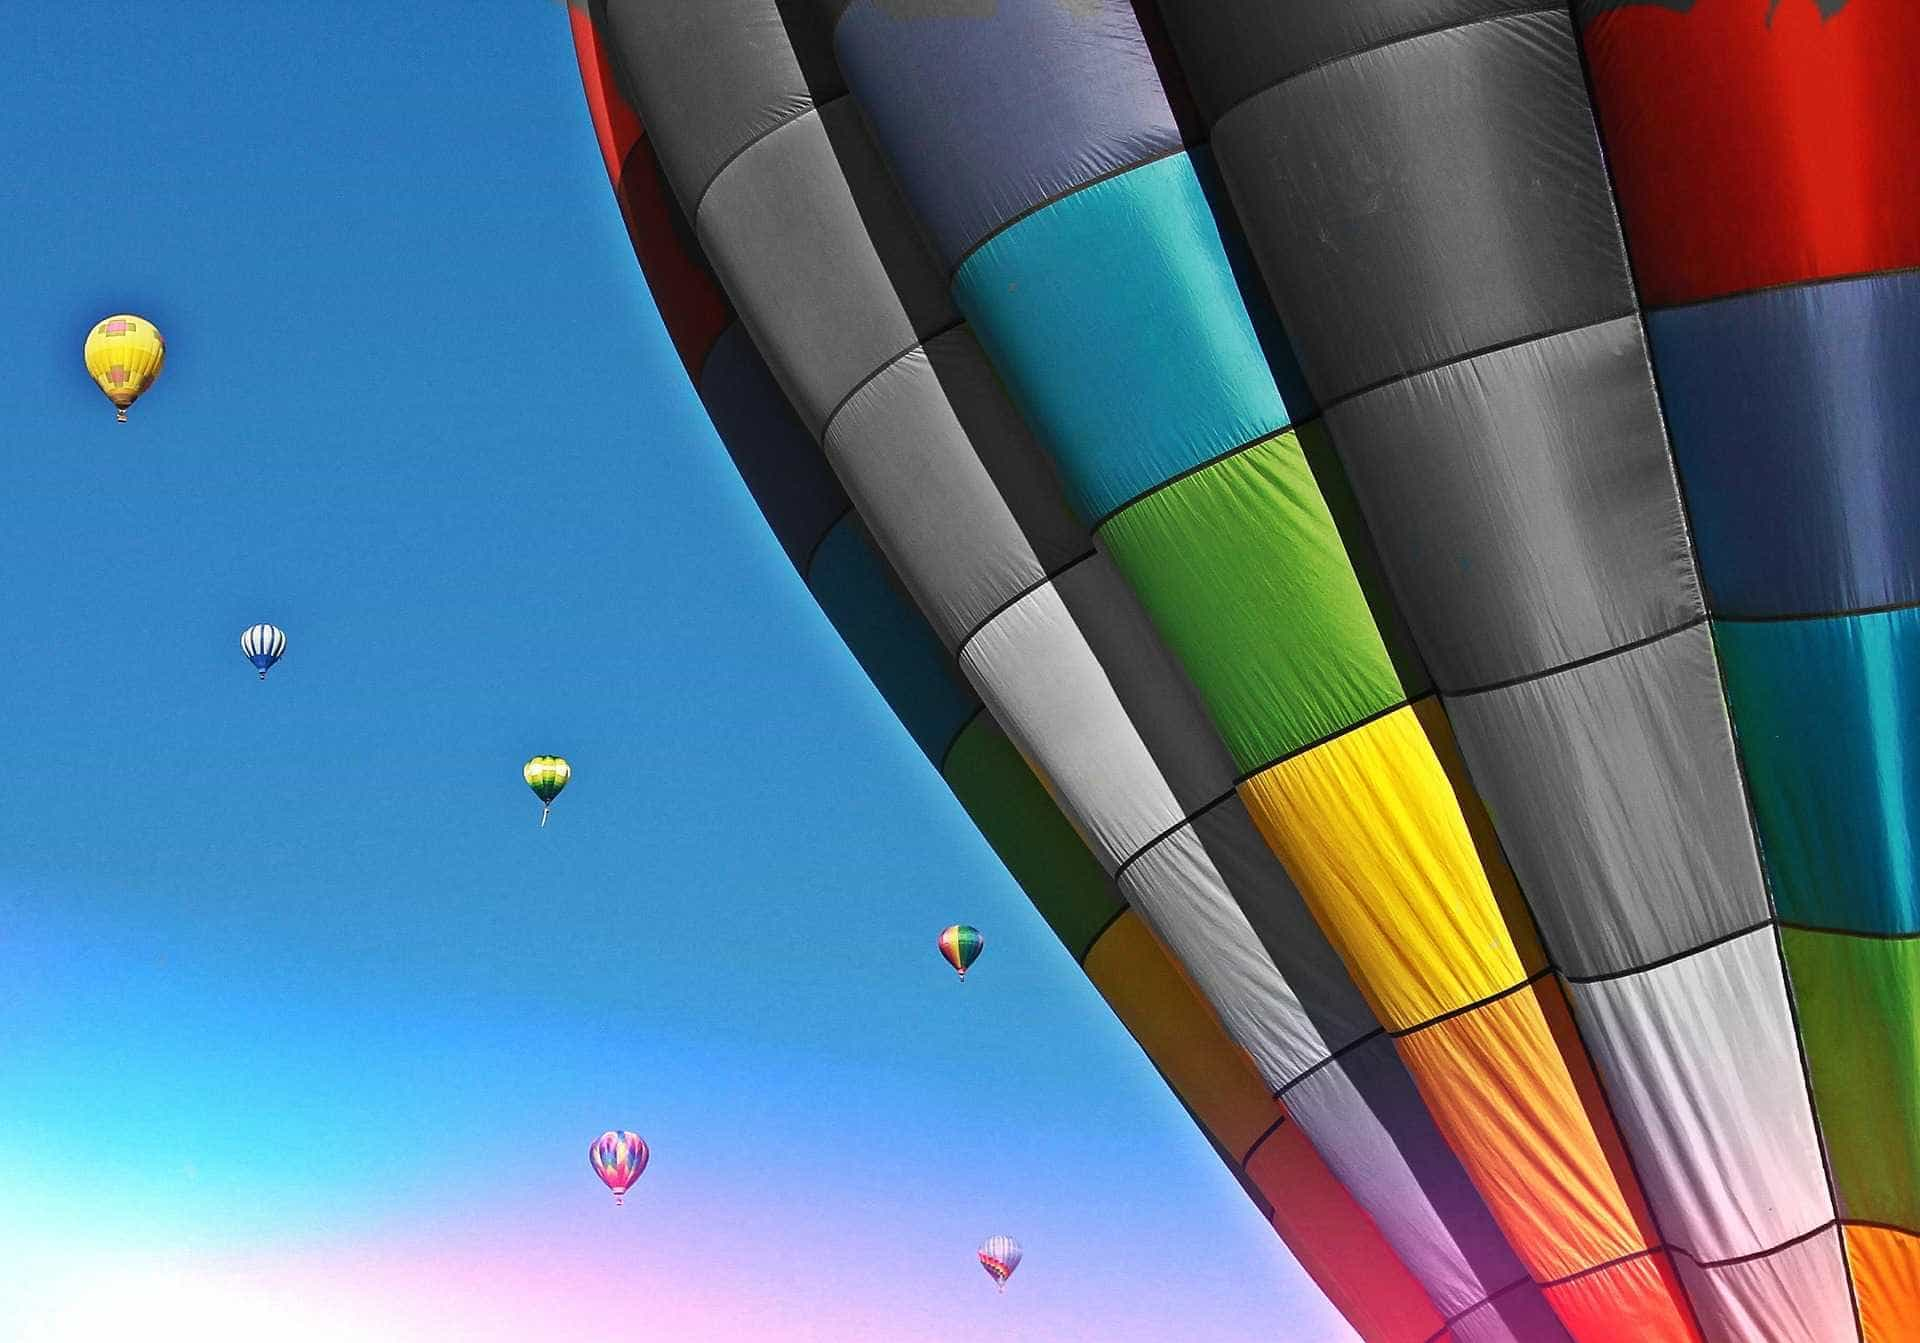 Lisboa acolhe viagens de balão de ar quente gratuitas